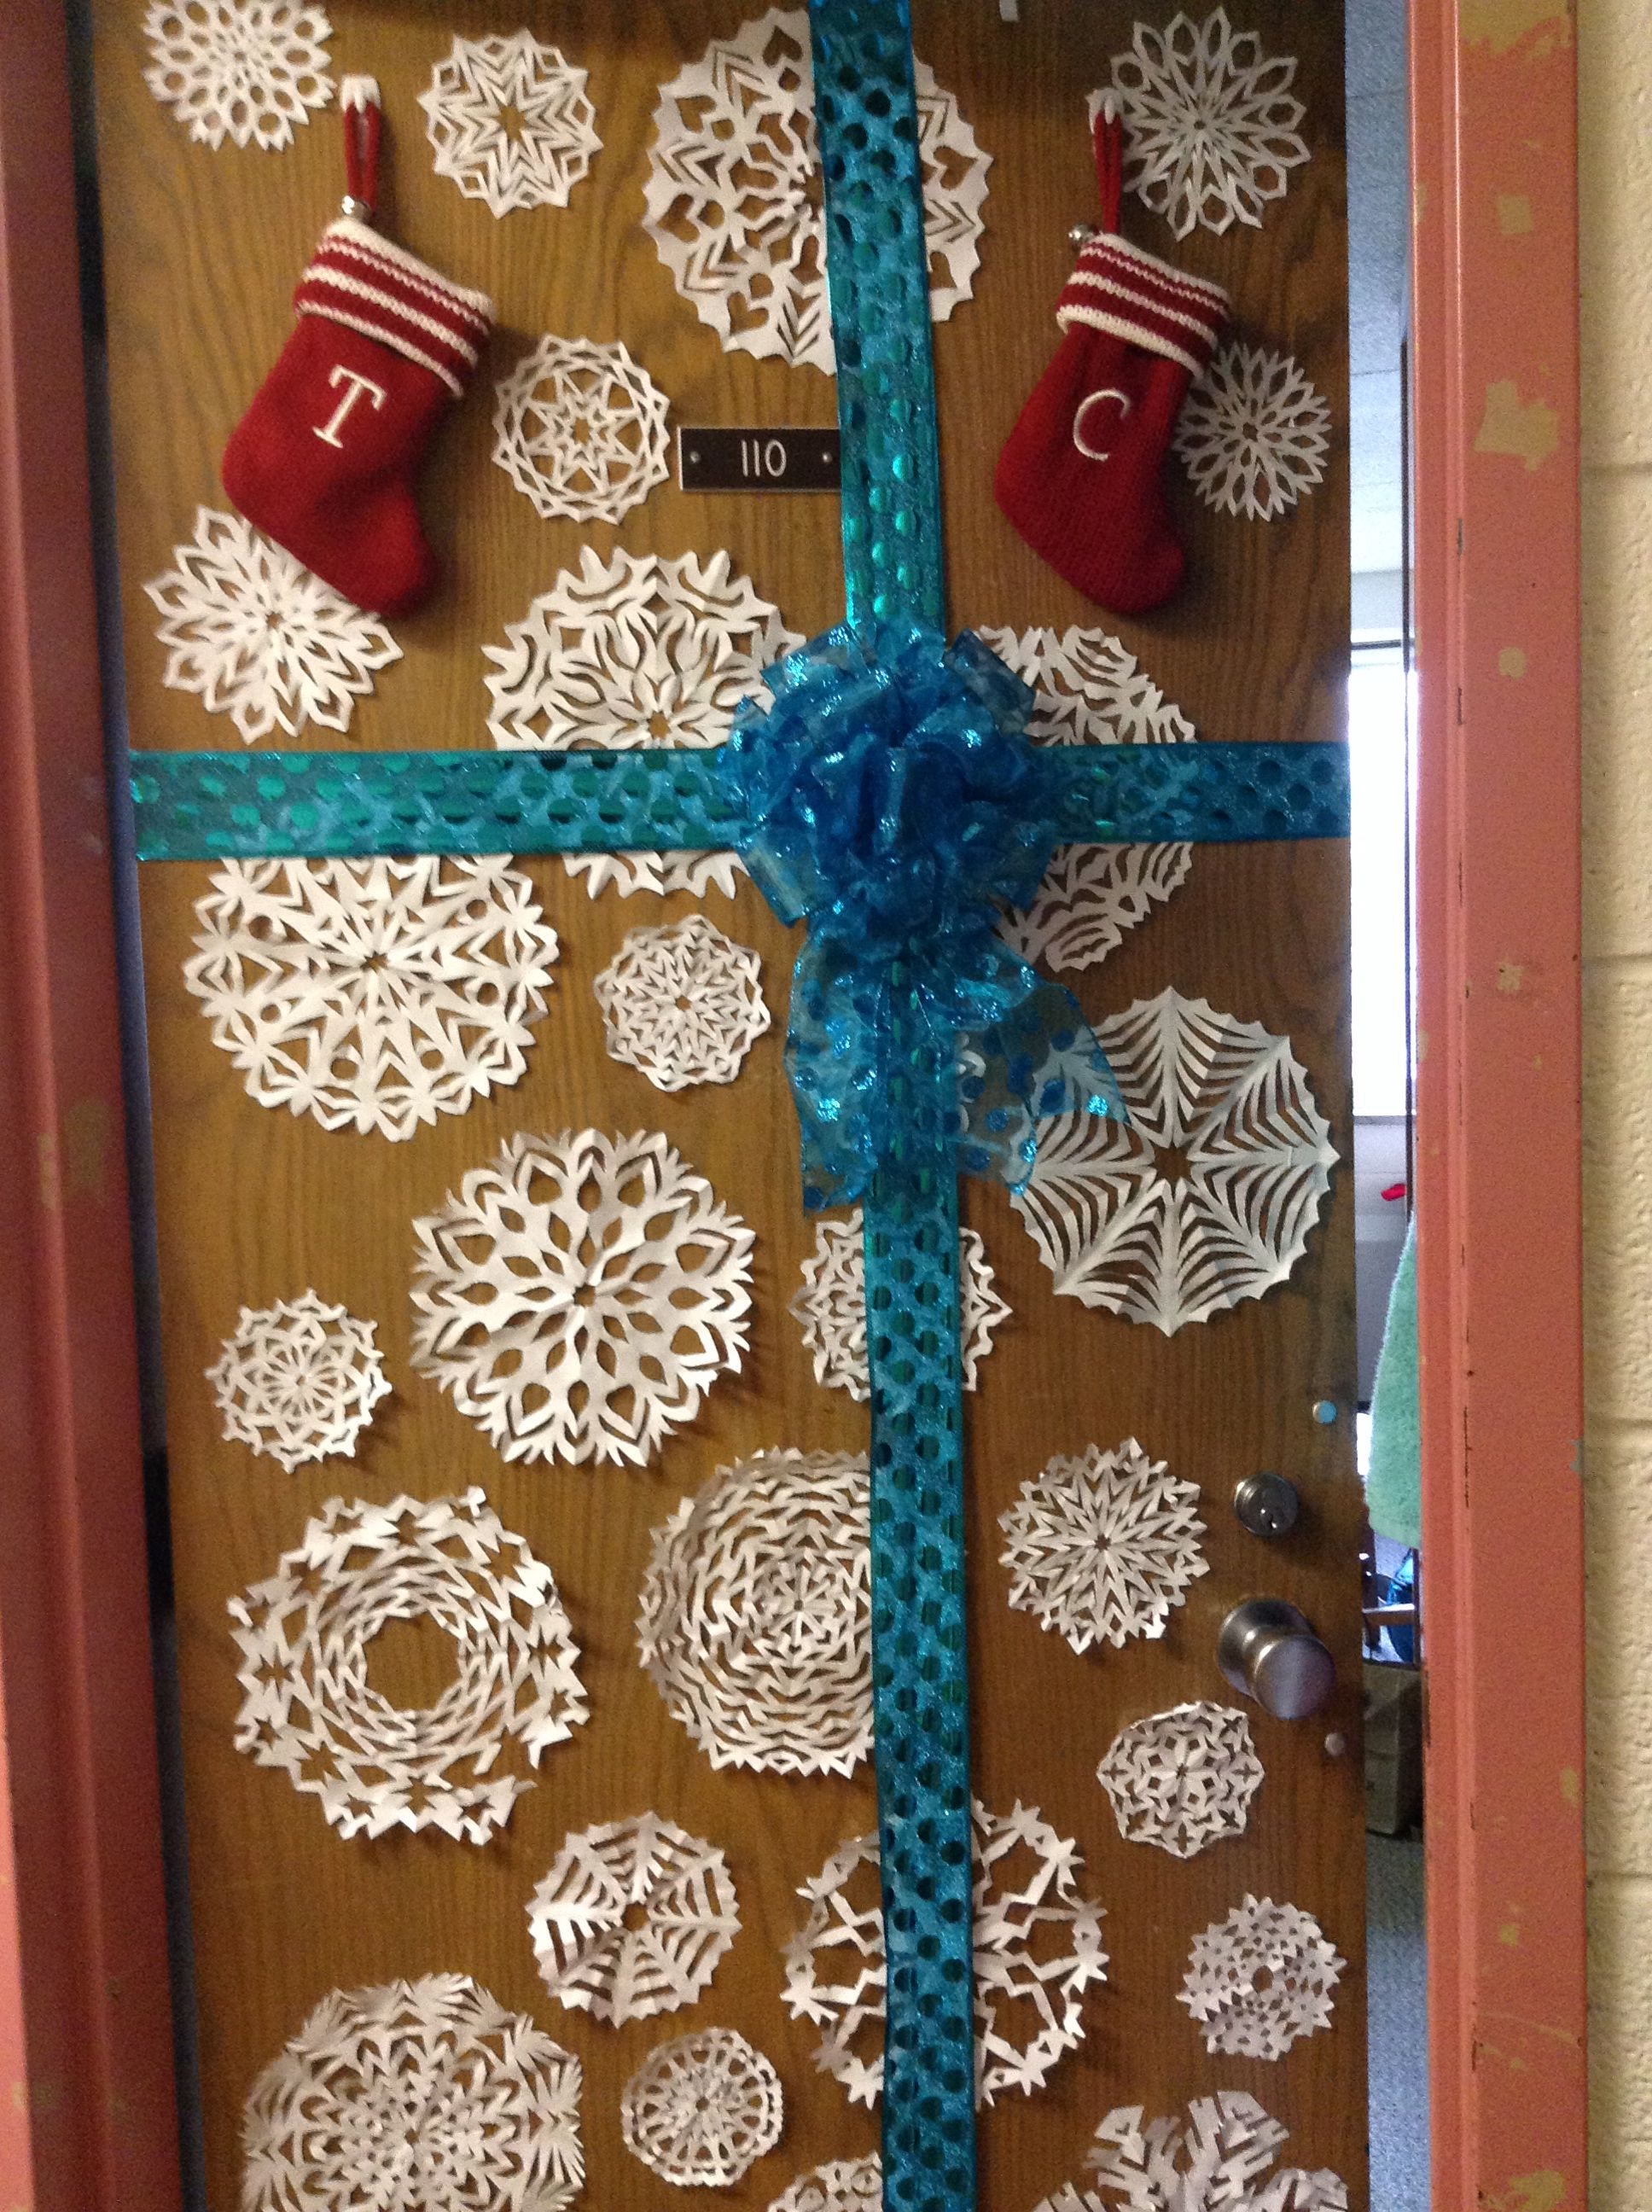 Dorm door decoration for winter